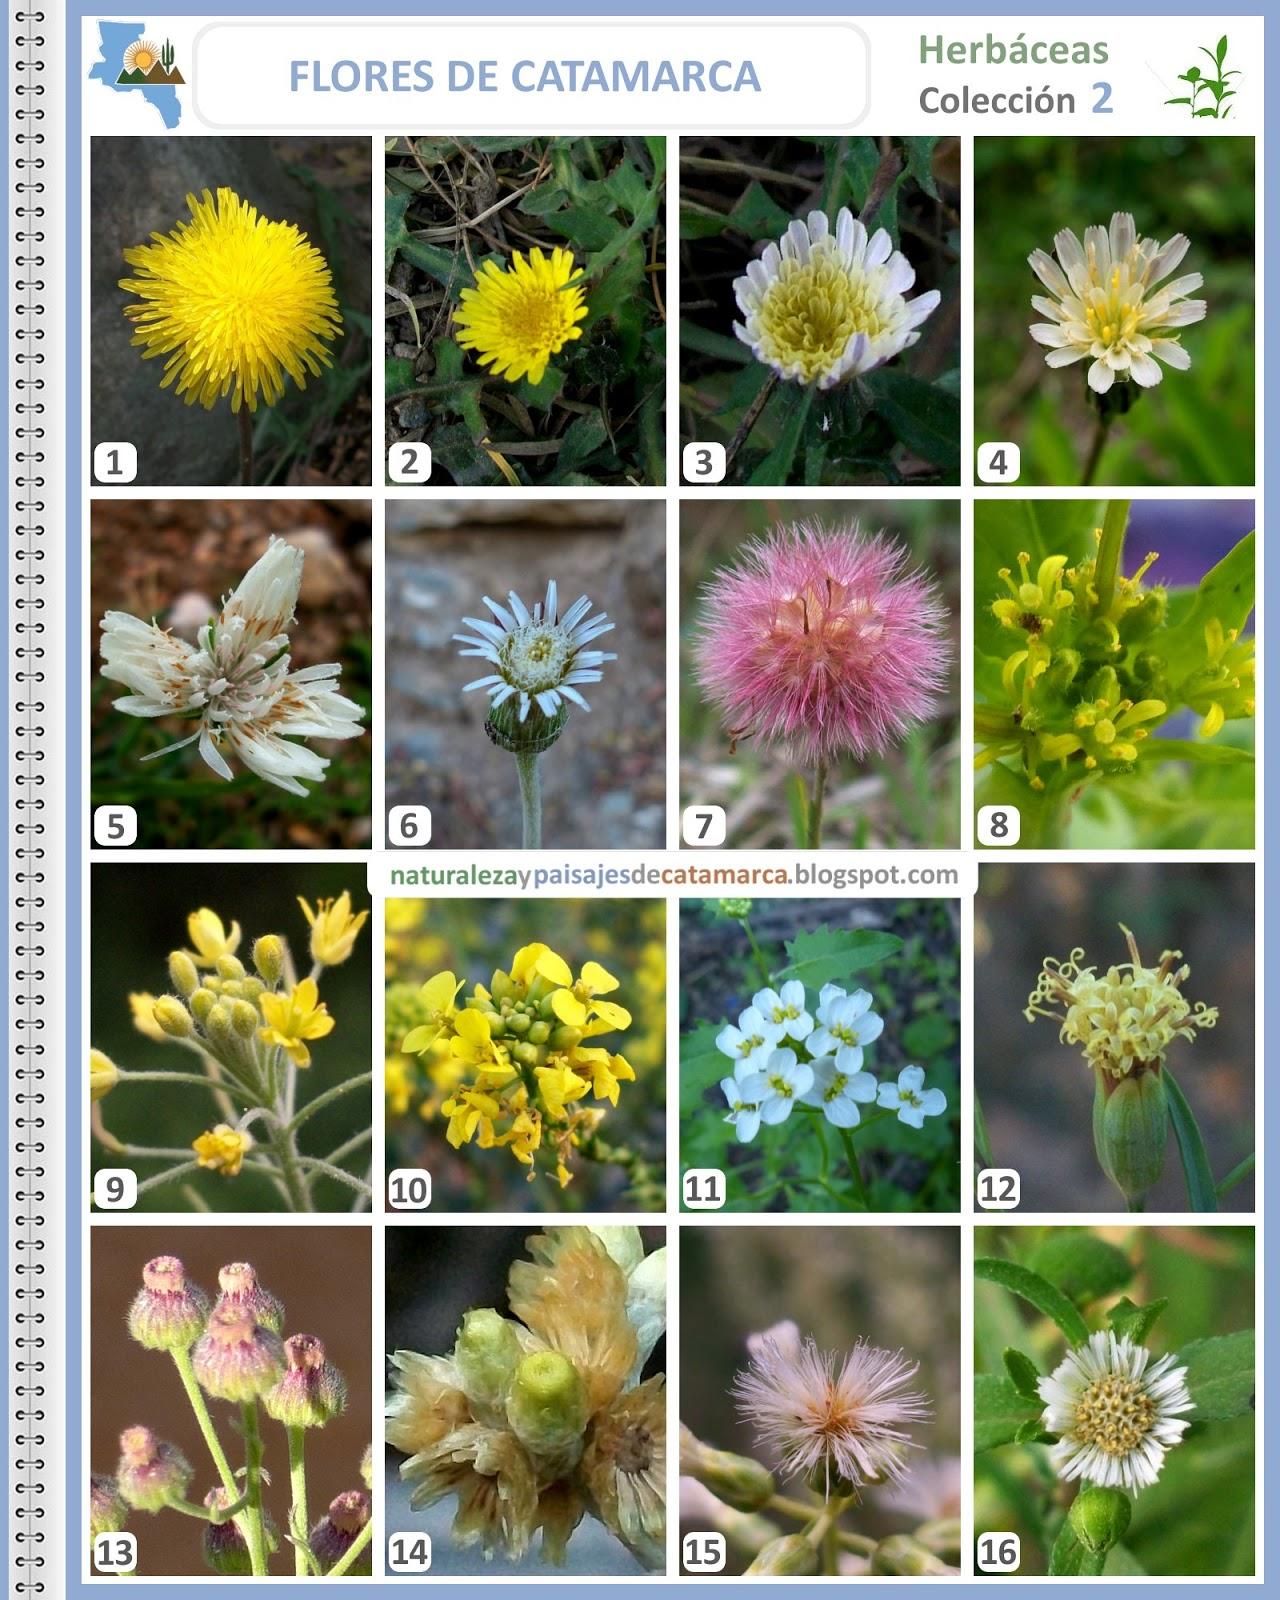 Naturaleza y paisajes de catamarca flores silvestres de catamarca - Todo tipo de plantas con sus nombres ...